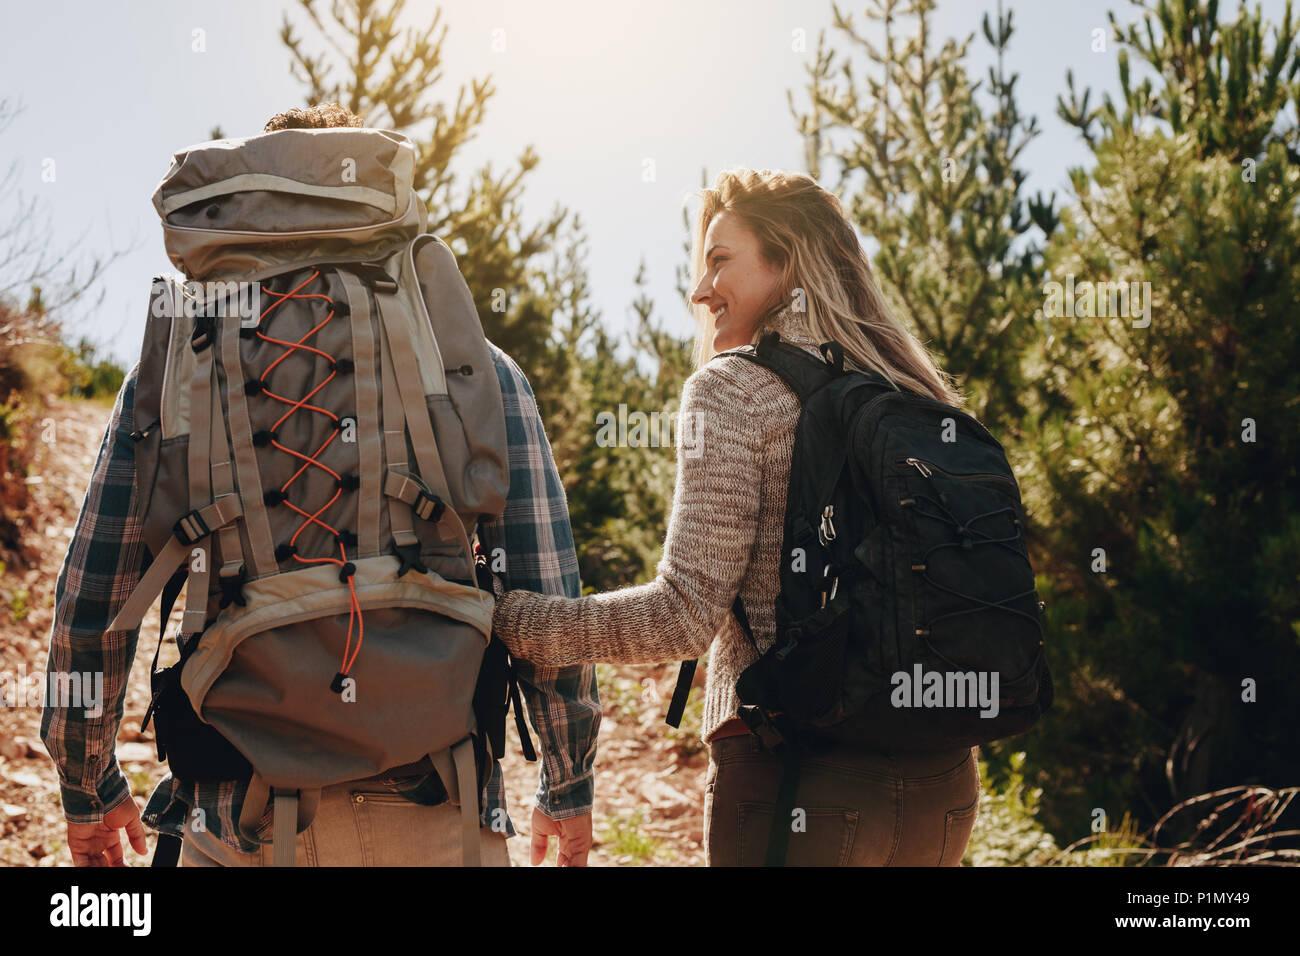 Vista posteriore della coppia di giovani escursionismo. Giovane uomo e donna con i loro zaini trekking in montagna. Immagini Stock